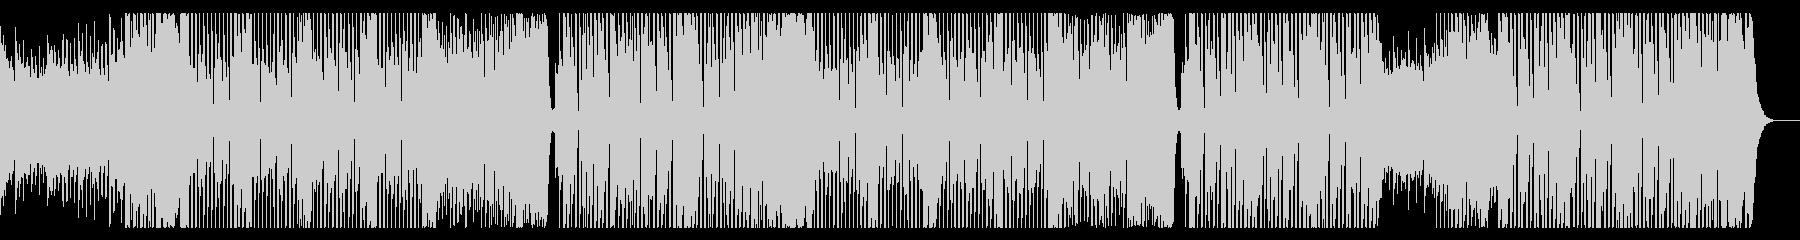 ワイルドでEDMロックなダンス曲の未再生の波形